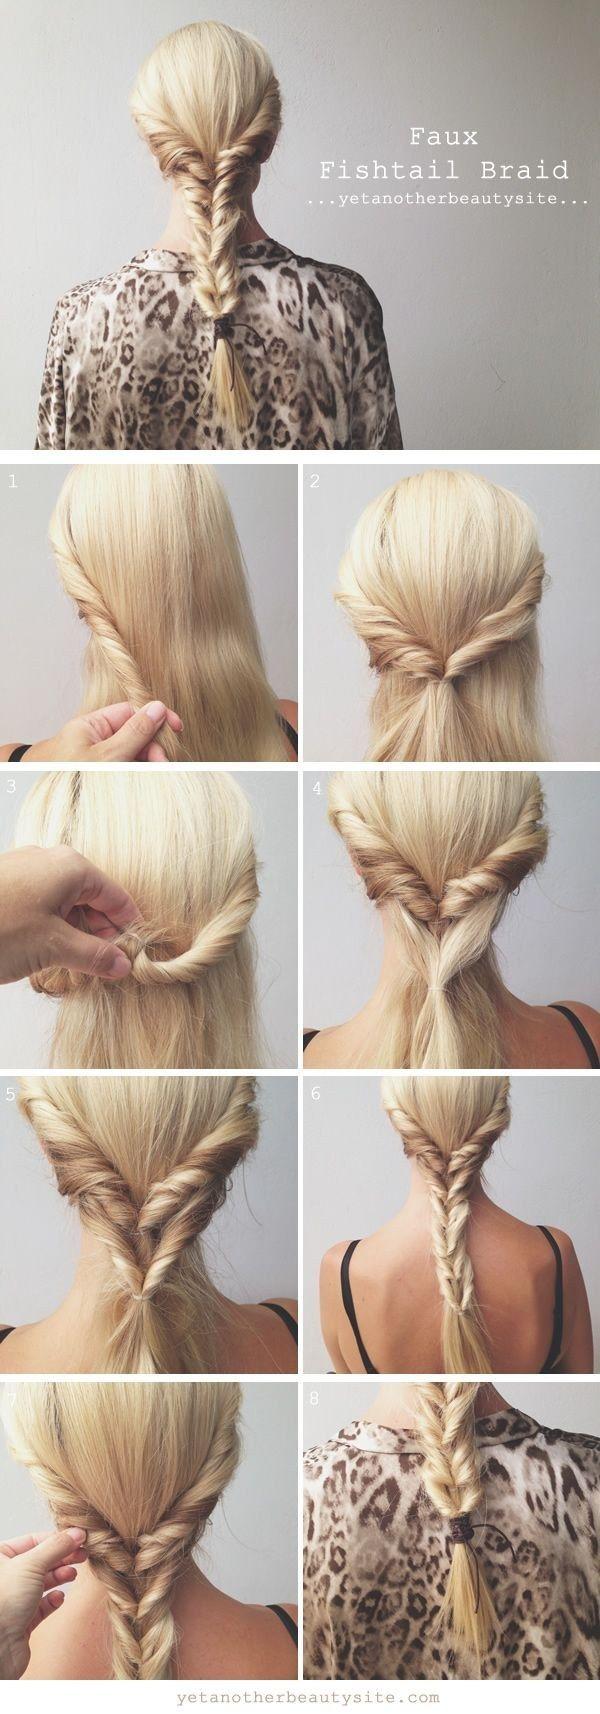 Y si no sabes hacer trenzas, haz trampa. | 17 Trucos para hacer las paces con tu cabello